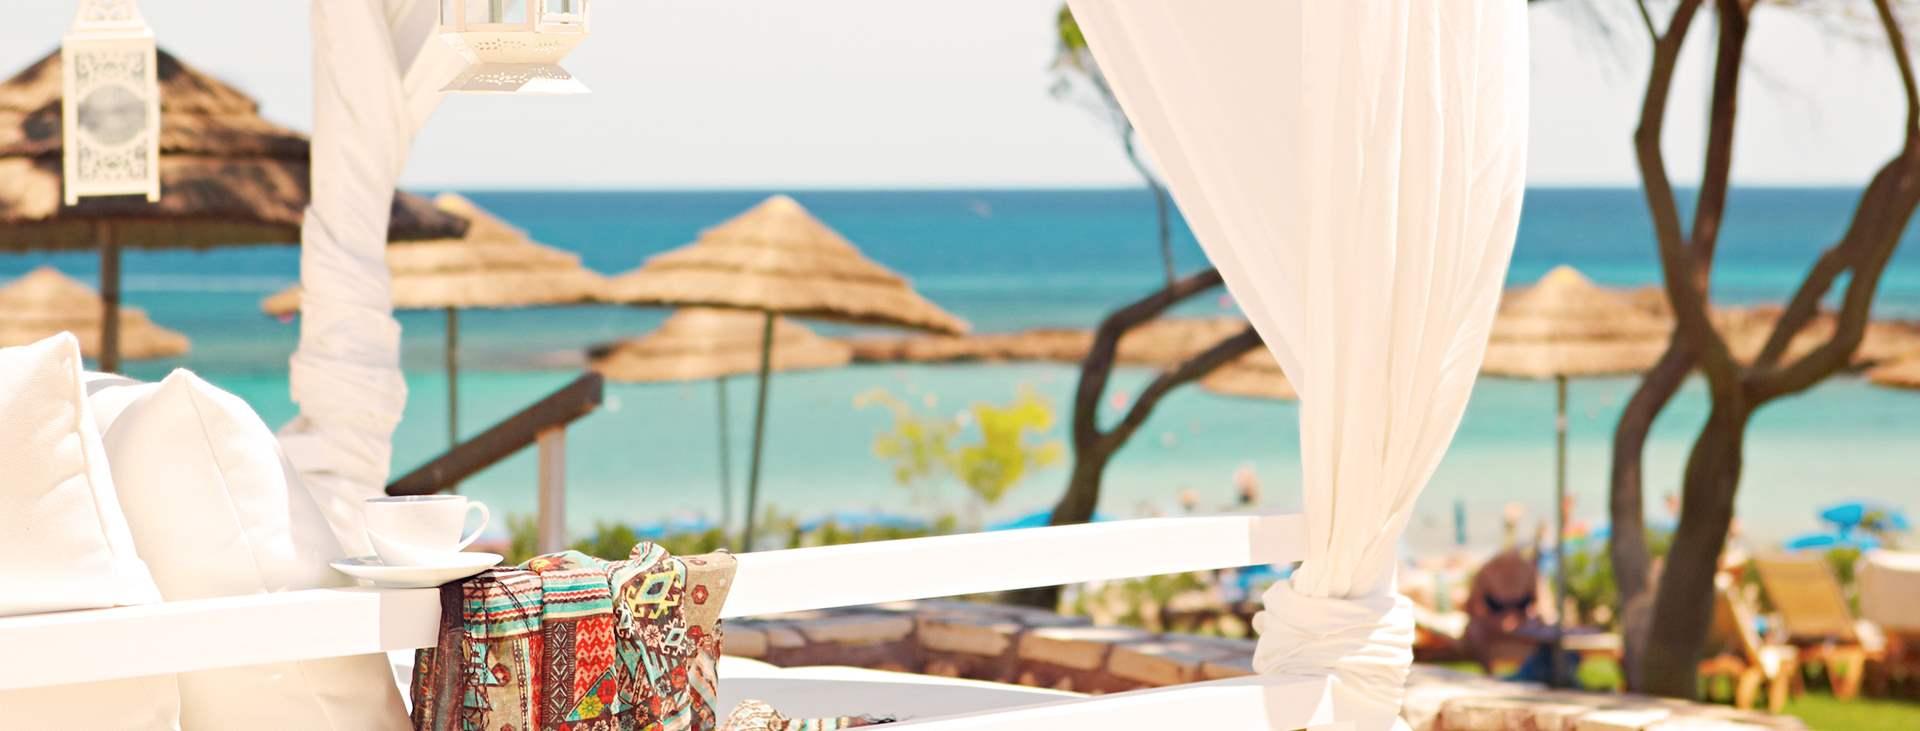 Bestill en reise til Kypros – perfekt for en familieferie